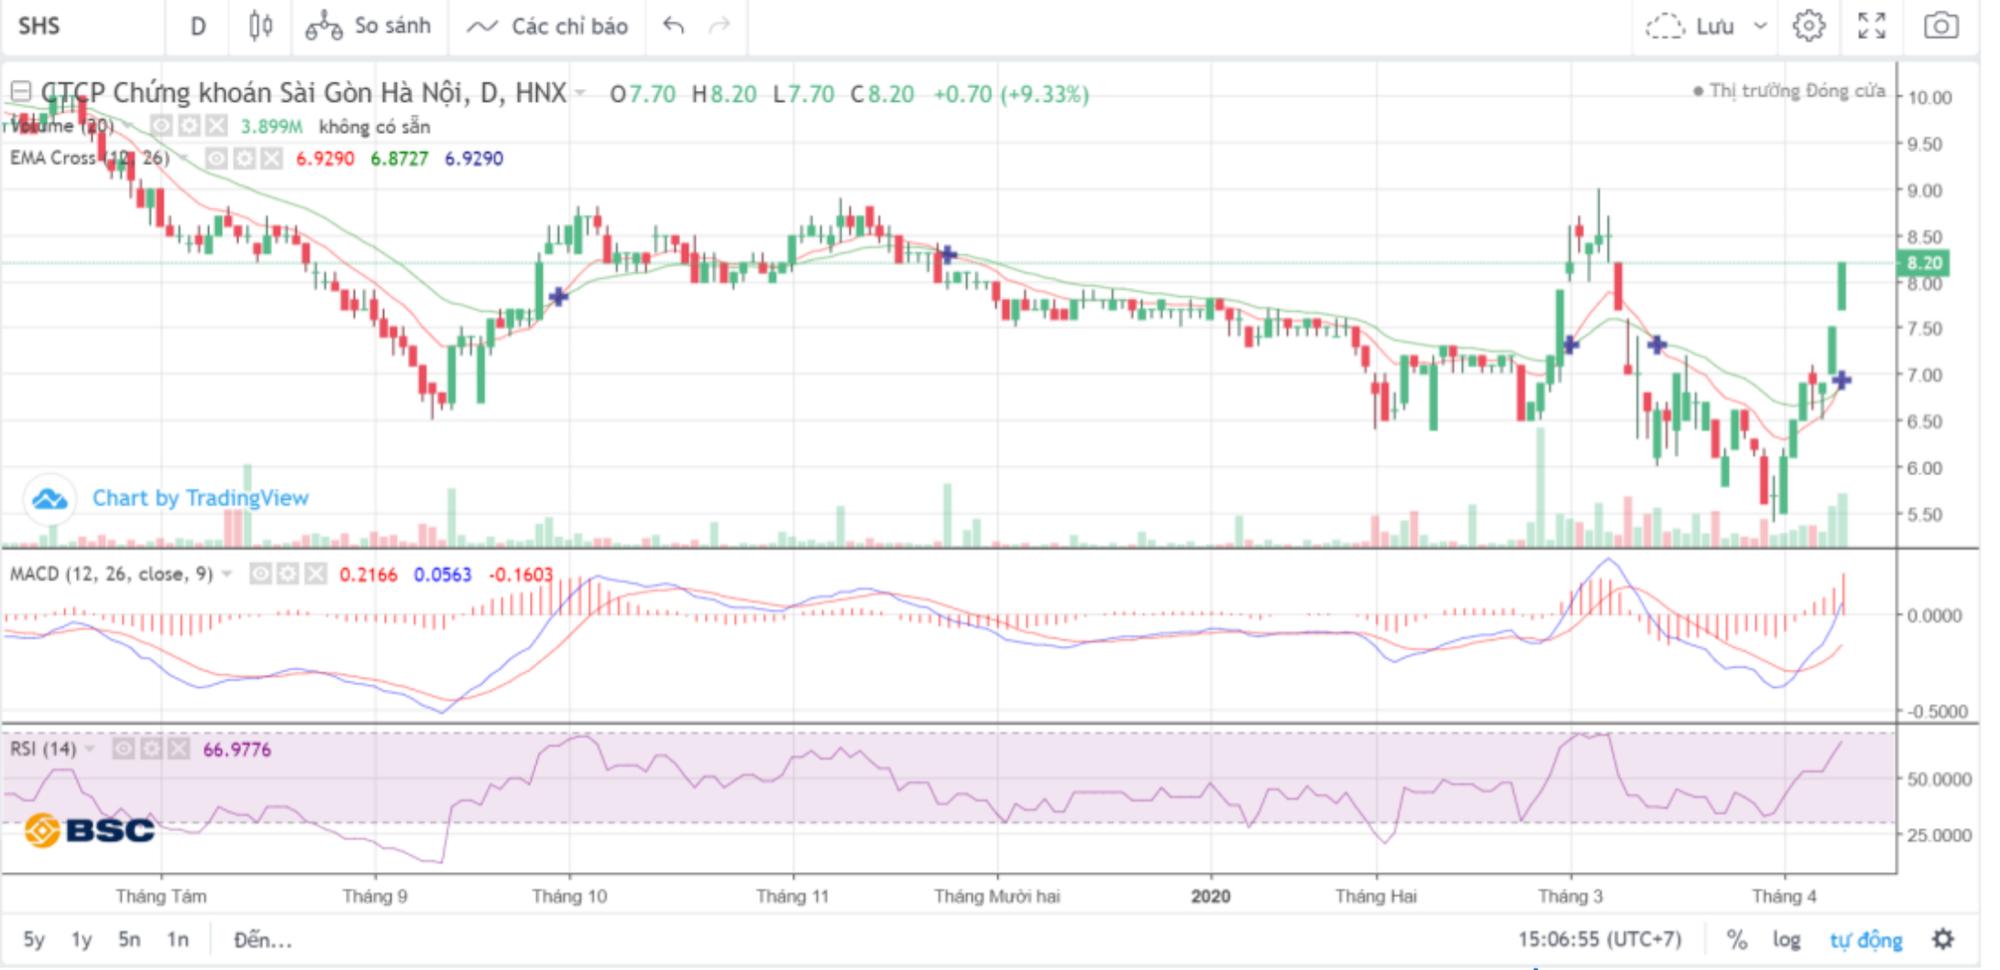 Cổ phiếu tâm điểm ngày 13/4: VJC, HVN, SHS, DHC - Ảnh 1.